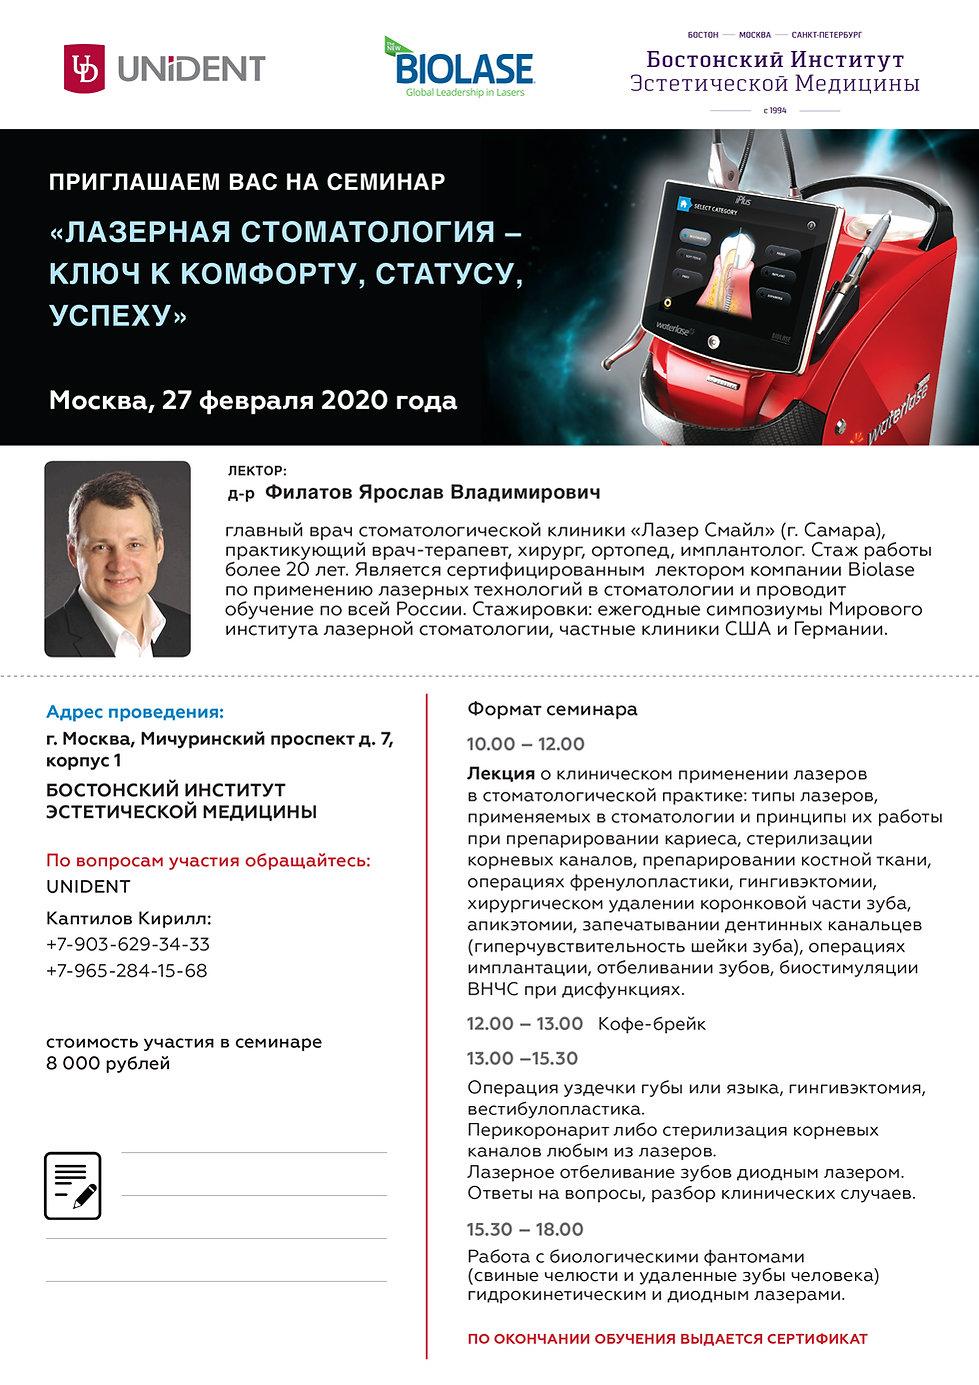 Филатов_27_02_2020.jpg